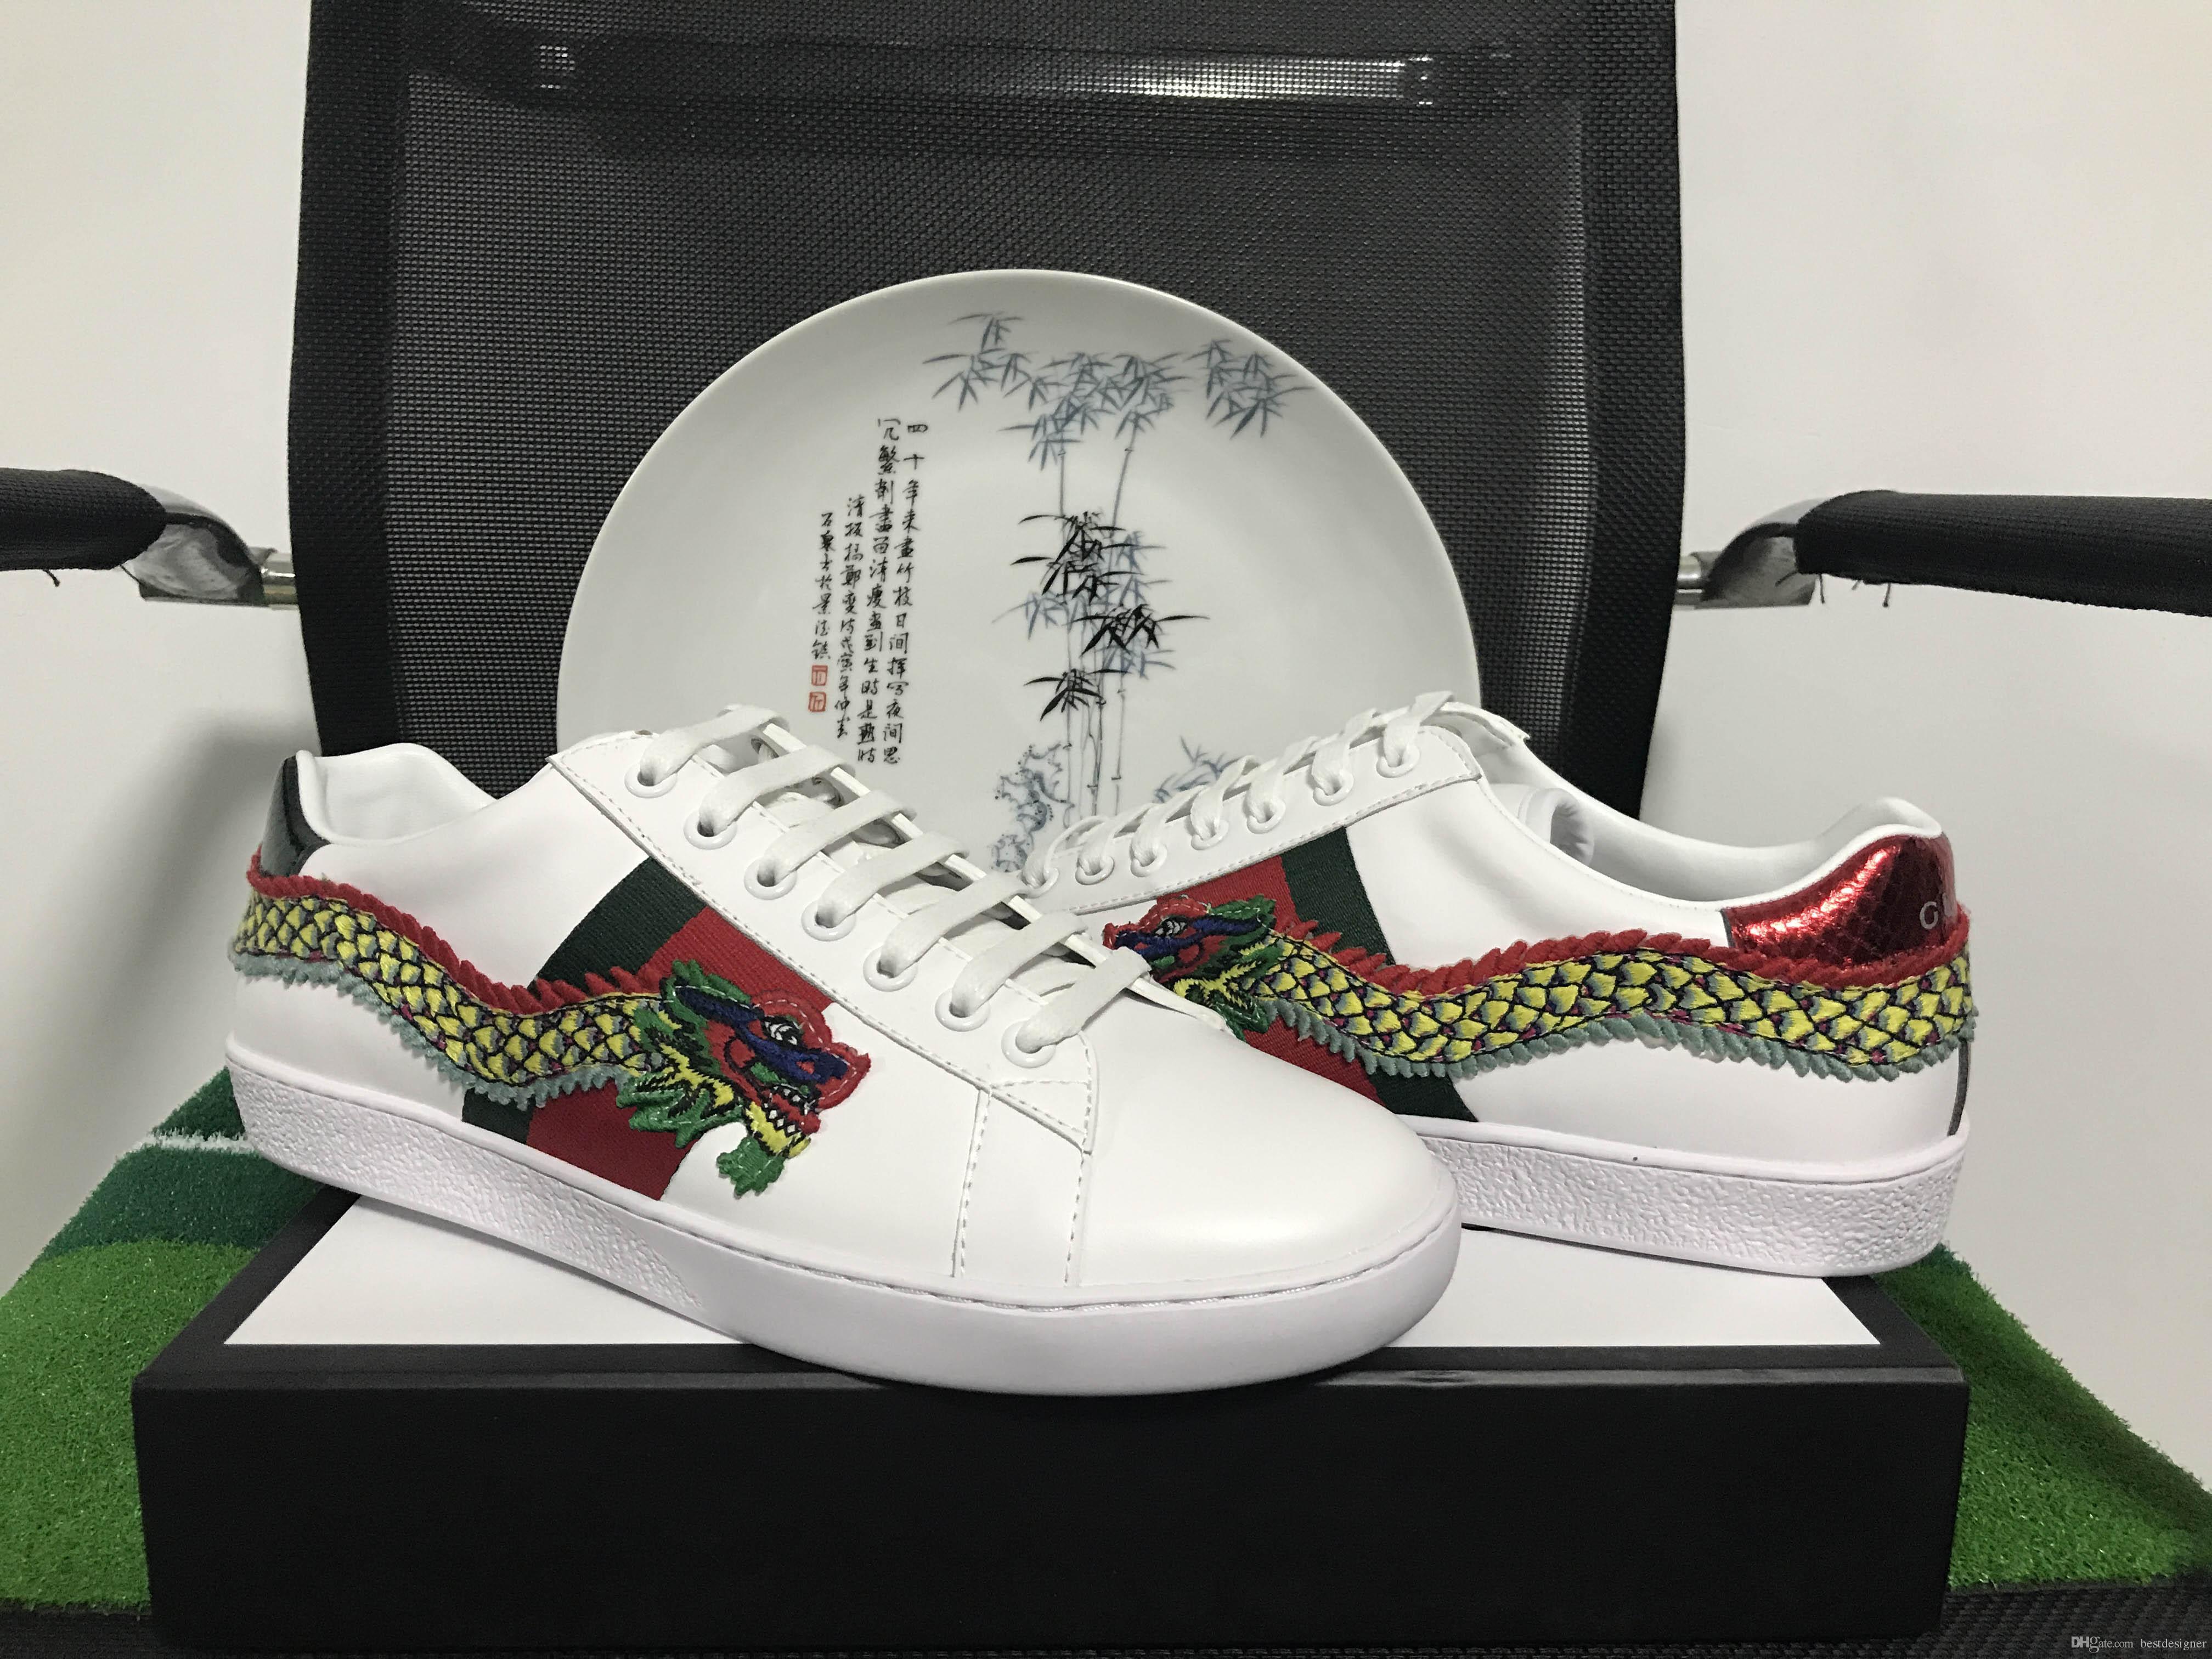 Nouveau mode luxe vert rayures rouges original designer ACE broderie Dragon confortable respirant hommes et femmes chaussures de sport